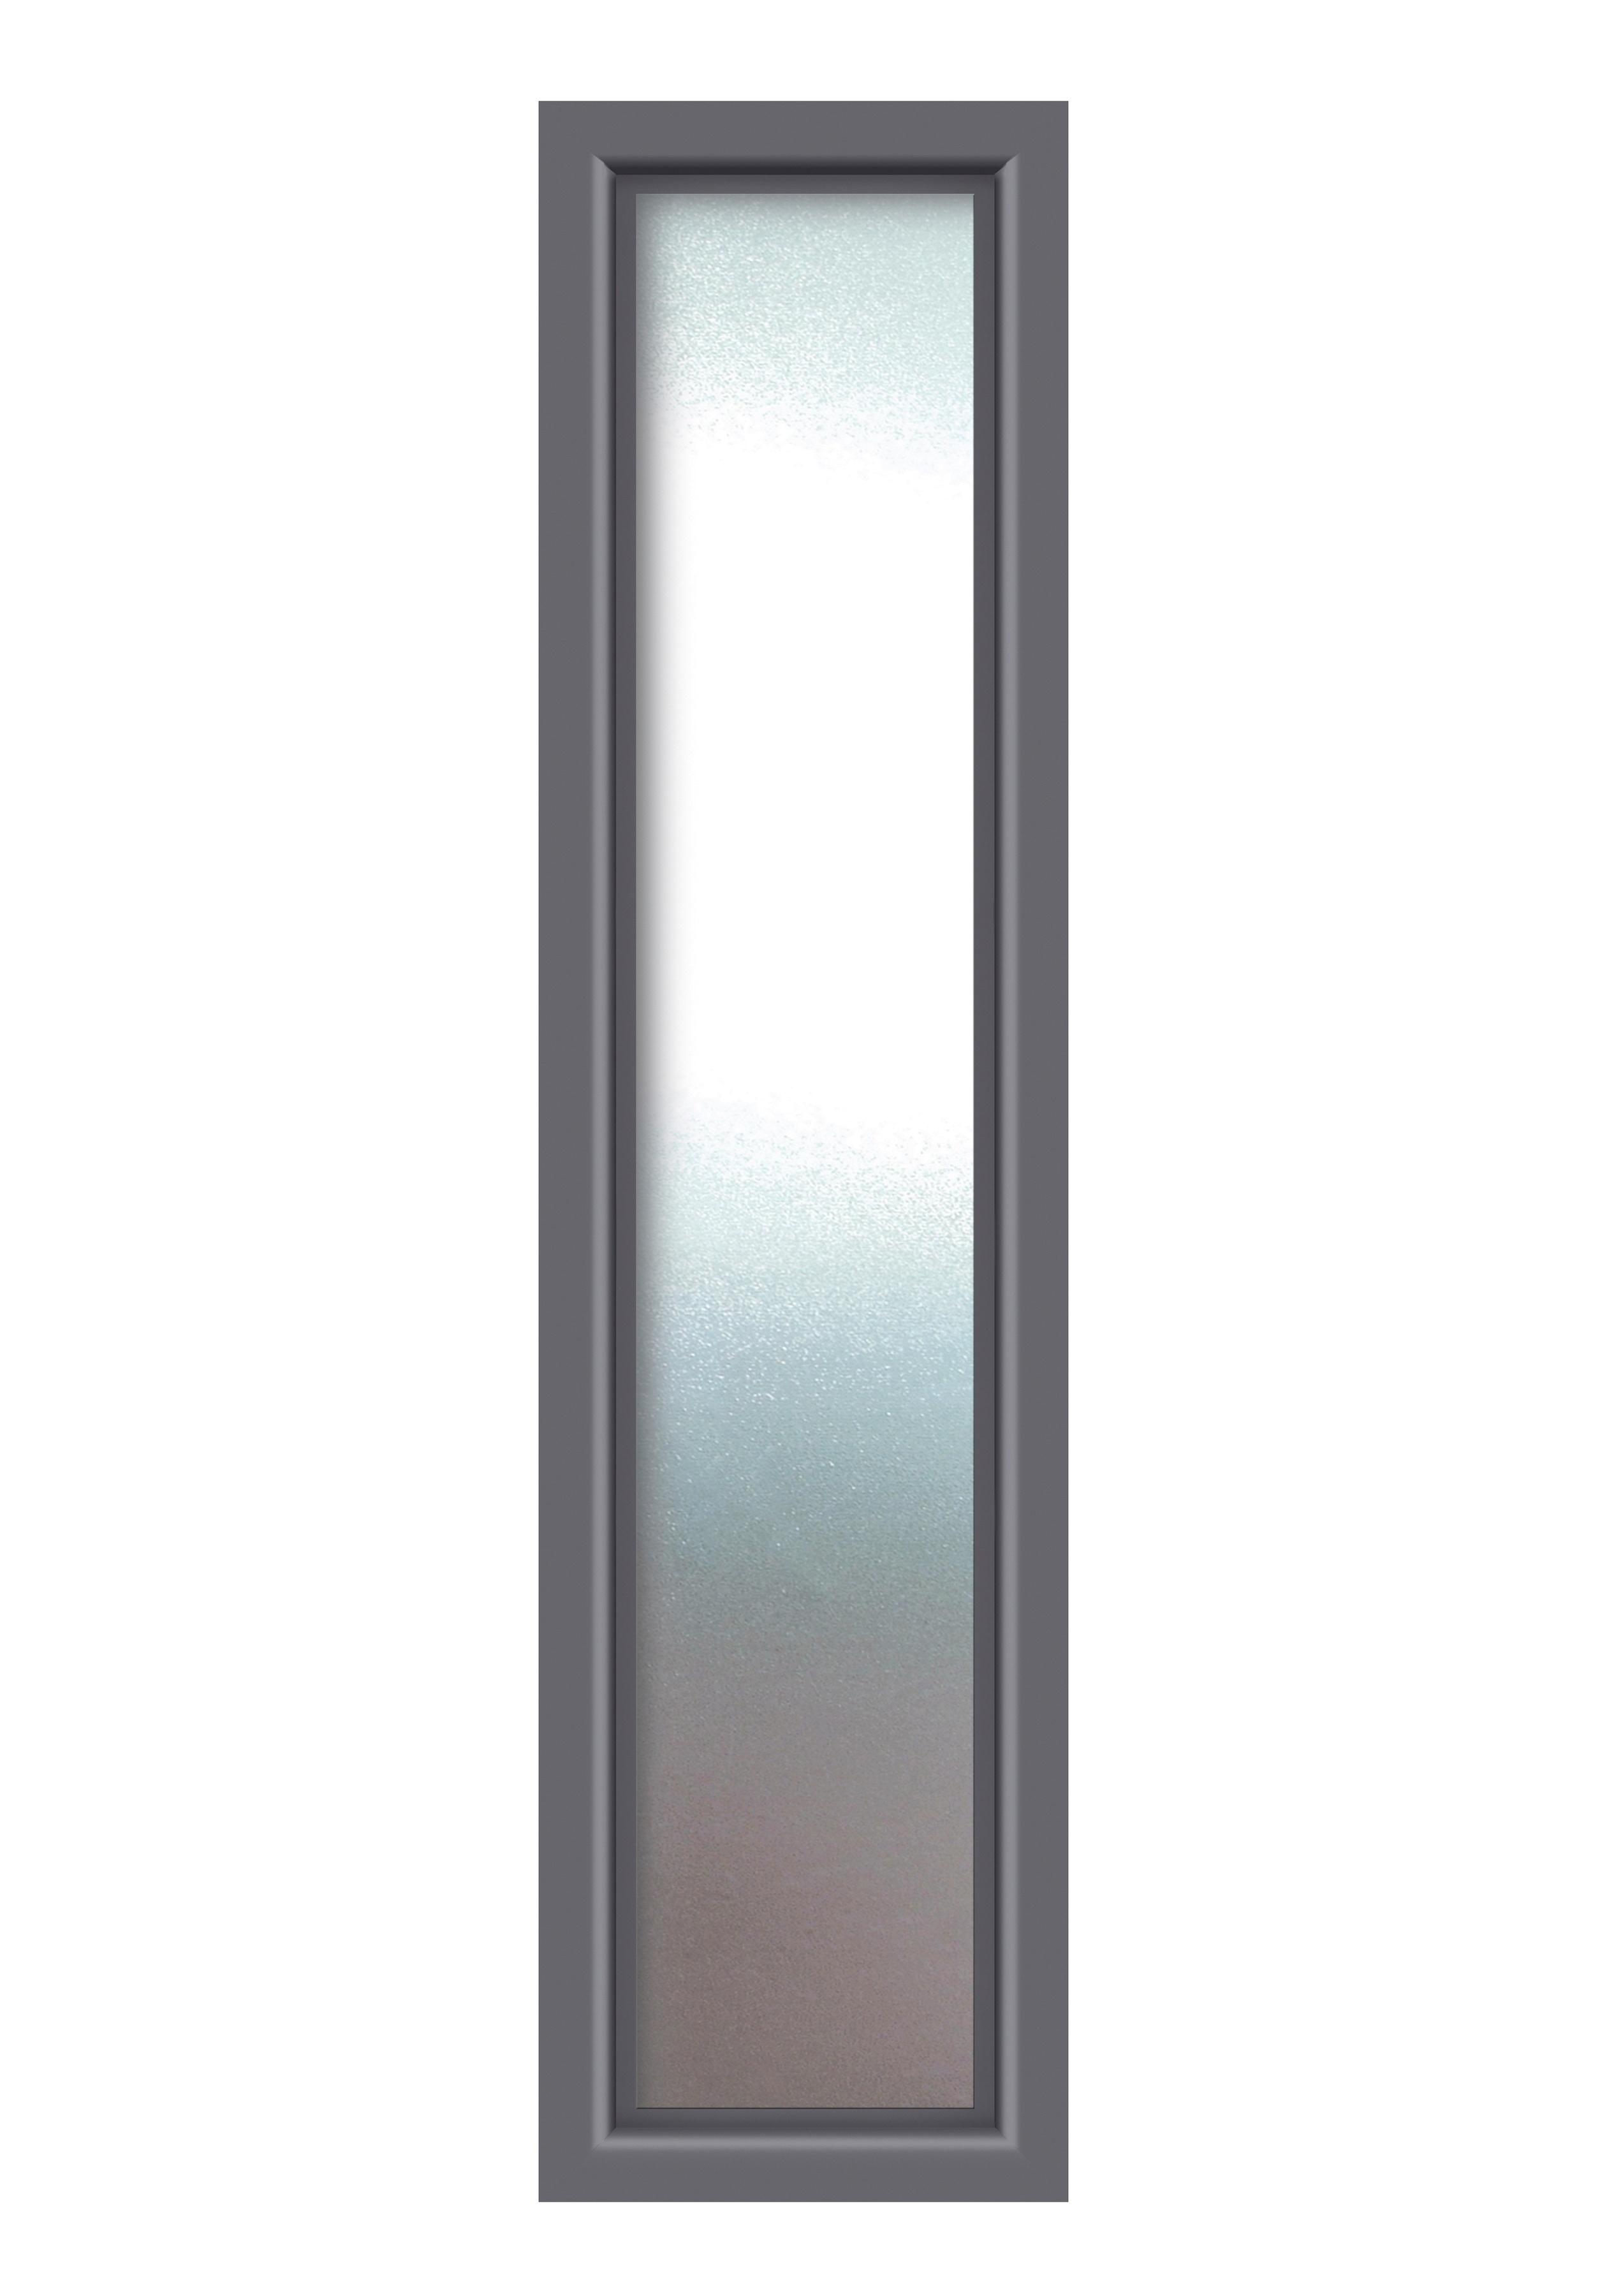 KM MEETH ZAUN GMBH Seitenteile »S01«, für Alu-Haustür, BxH: 60x208 cm,  anthrazit online bestellen   BAUR